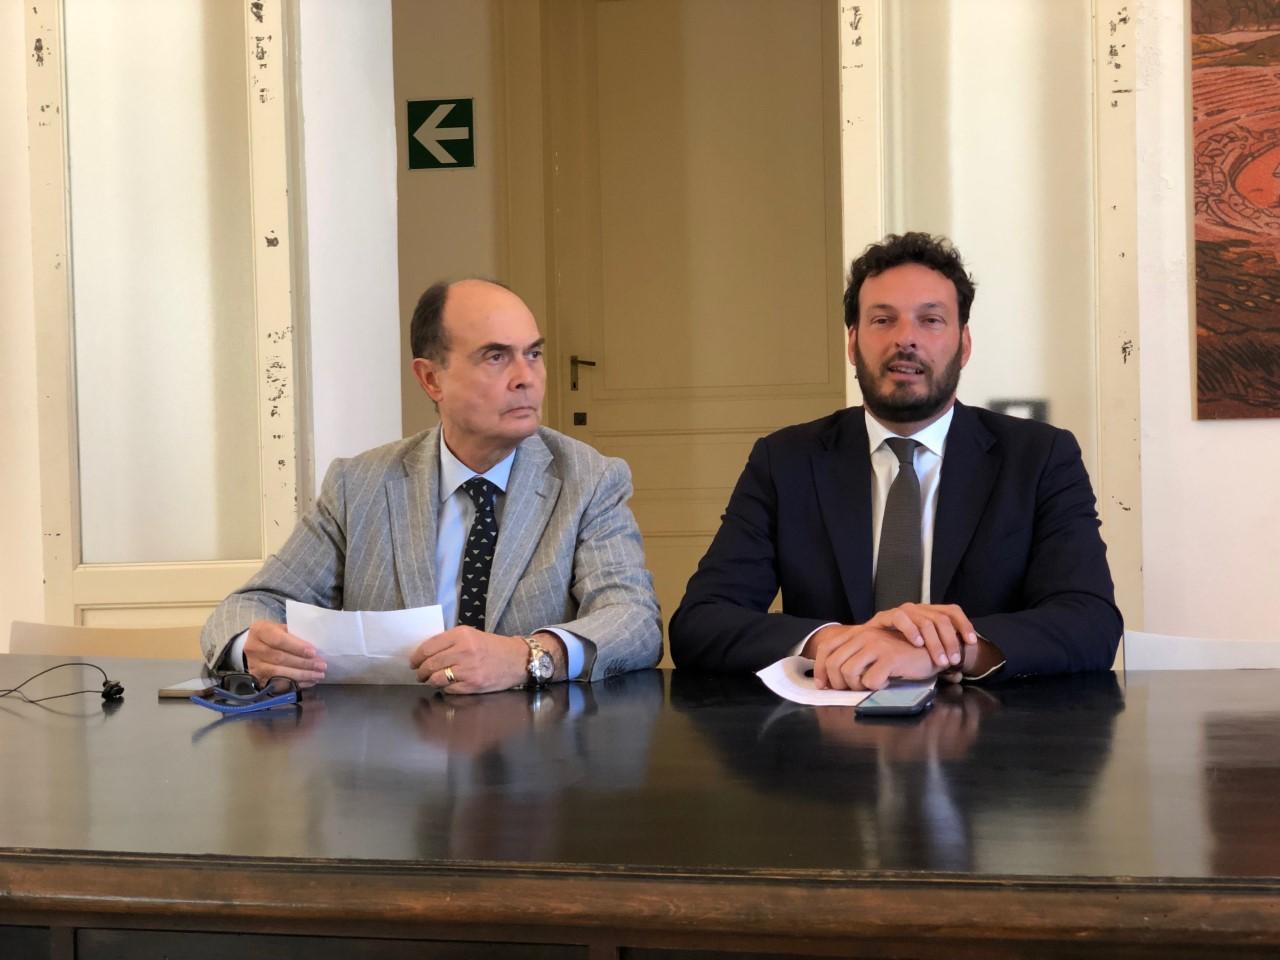 NASCERA' UN'ACCADEMIA SARTORIALE NELL'IMMOBILE DELLA BORGATA CONFISCATO ALLA MAFIA